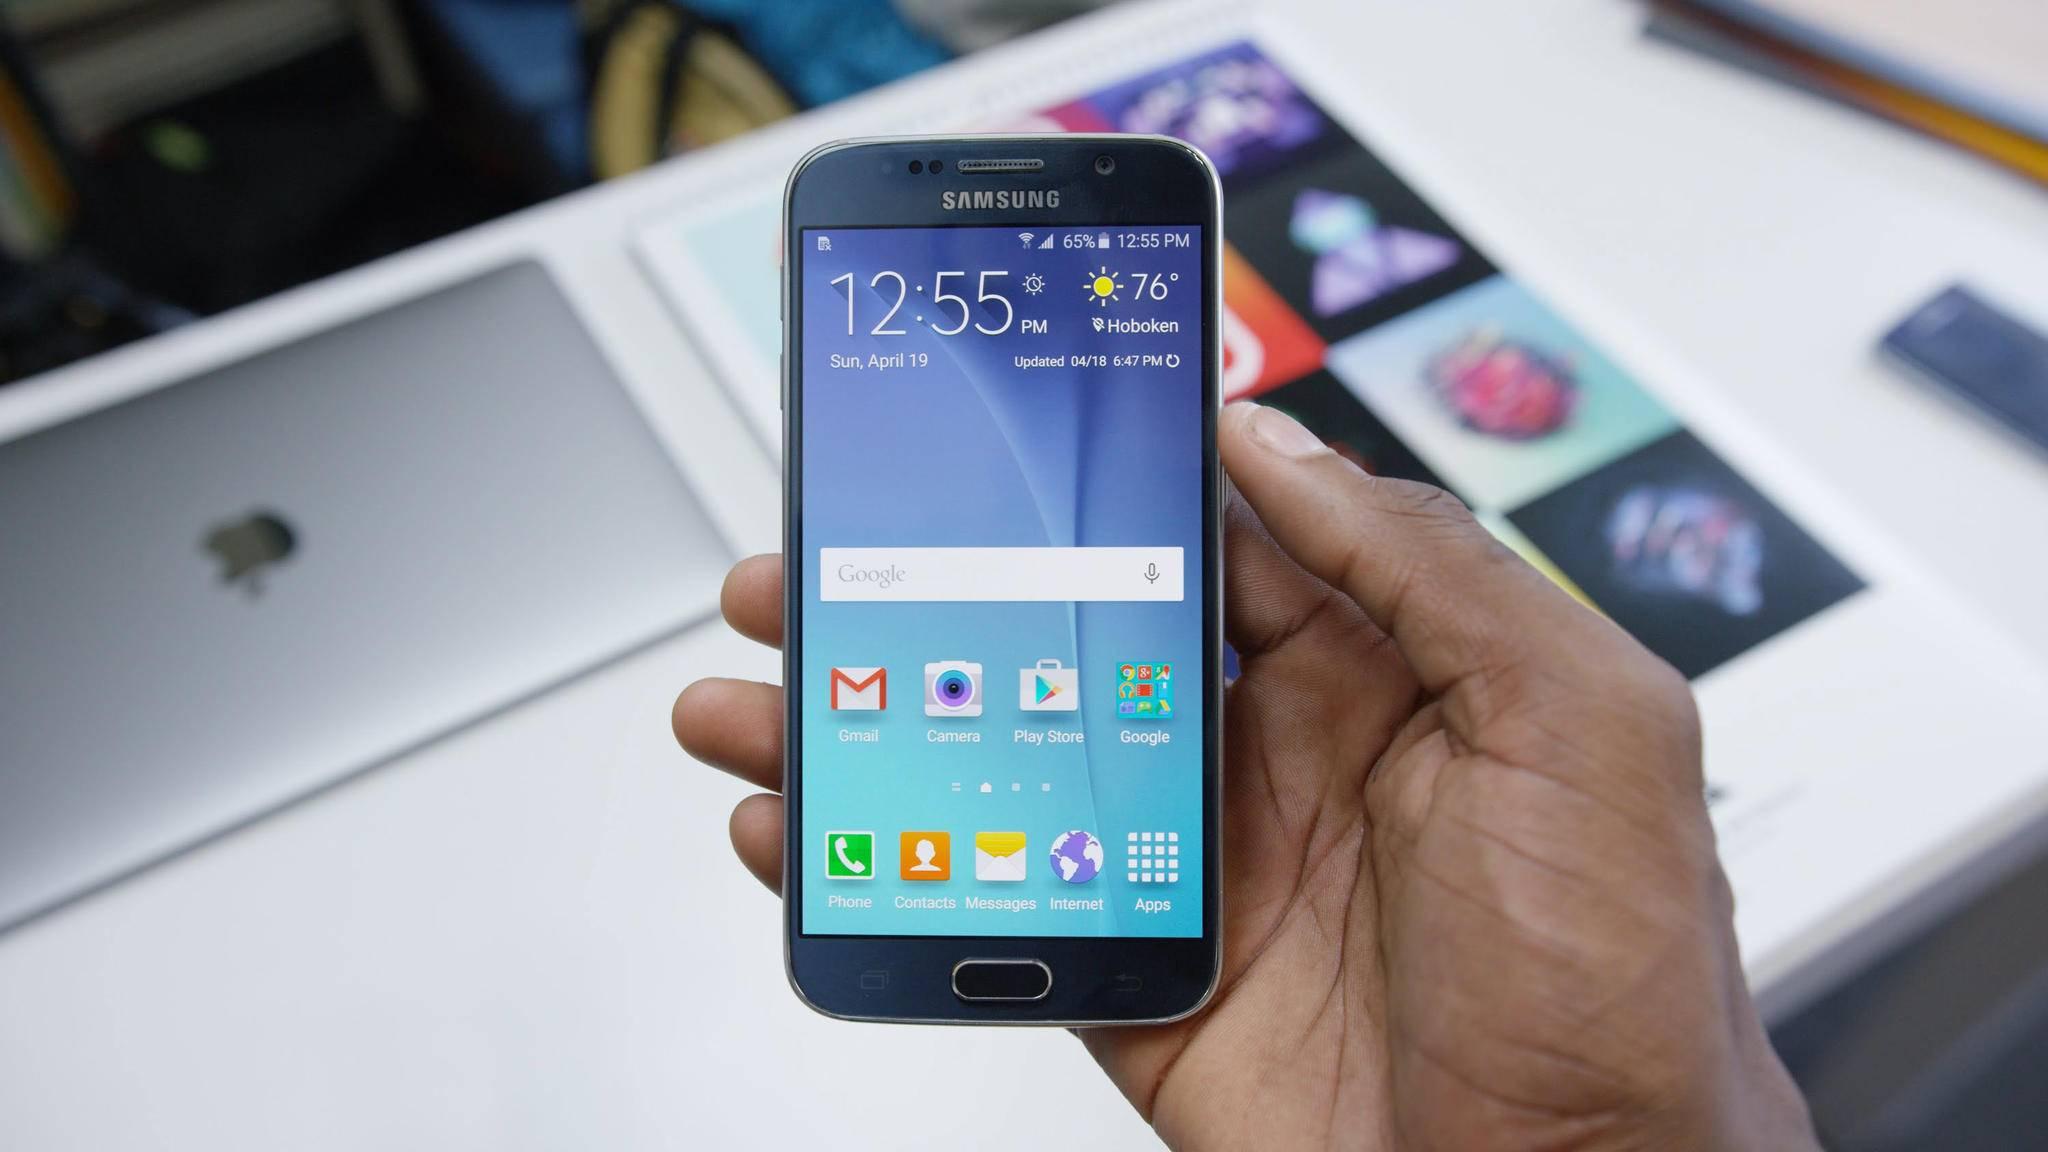 Du kannst Dein Galaxy-Smartphone nicht mehr laden? Das kannst Du in diesem Fall tun.